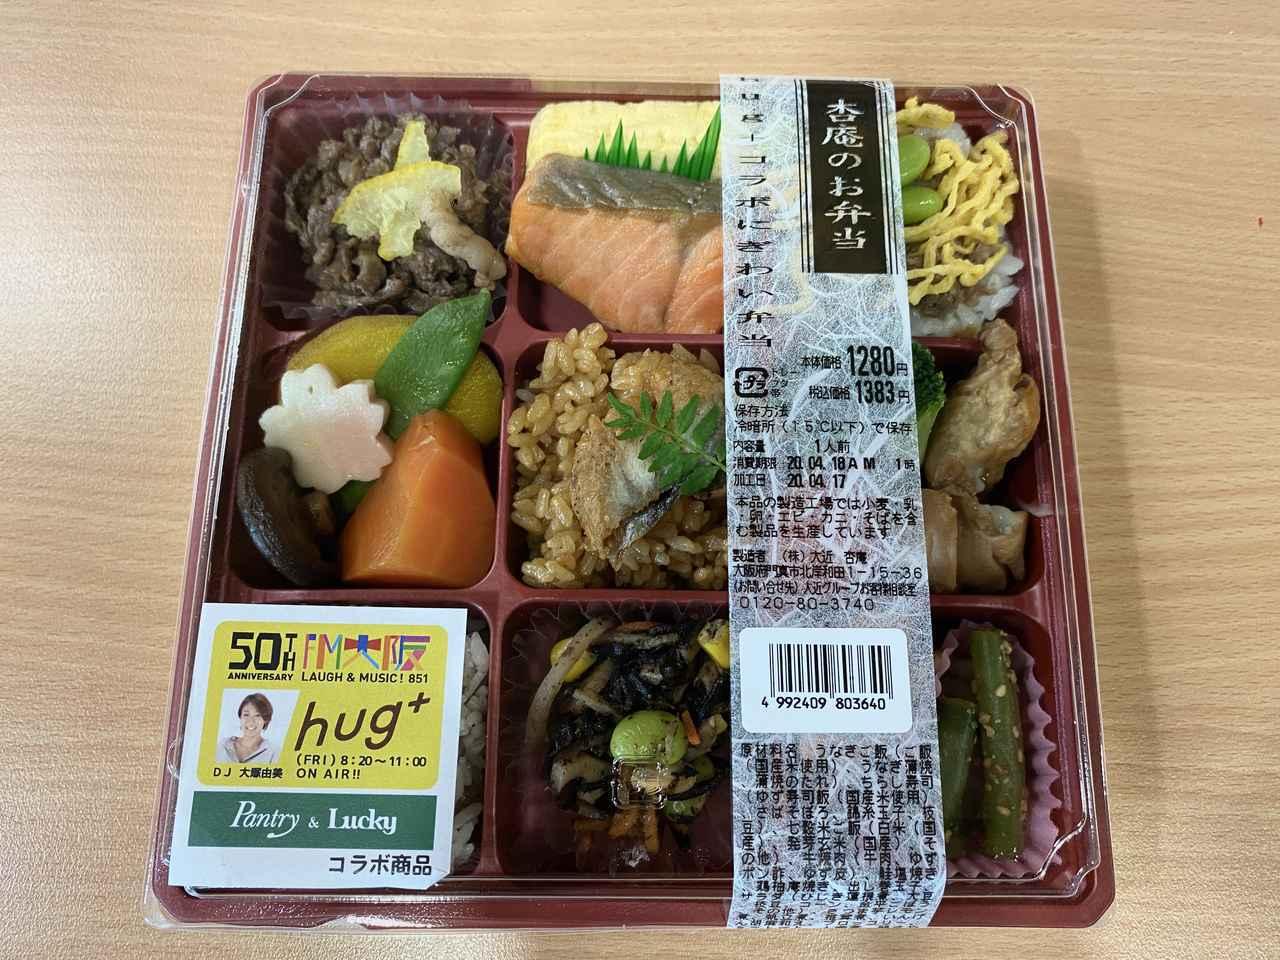 画像2: ②【hug+コラボ にぎわい弁当】を3名様に!